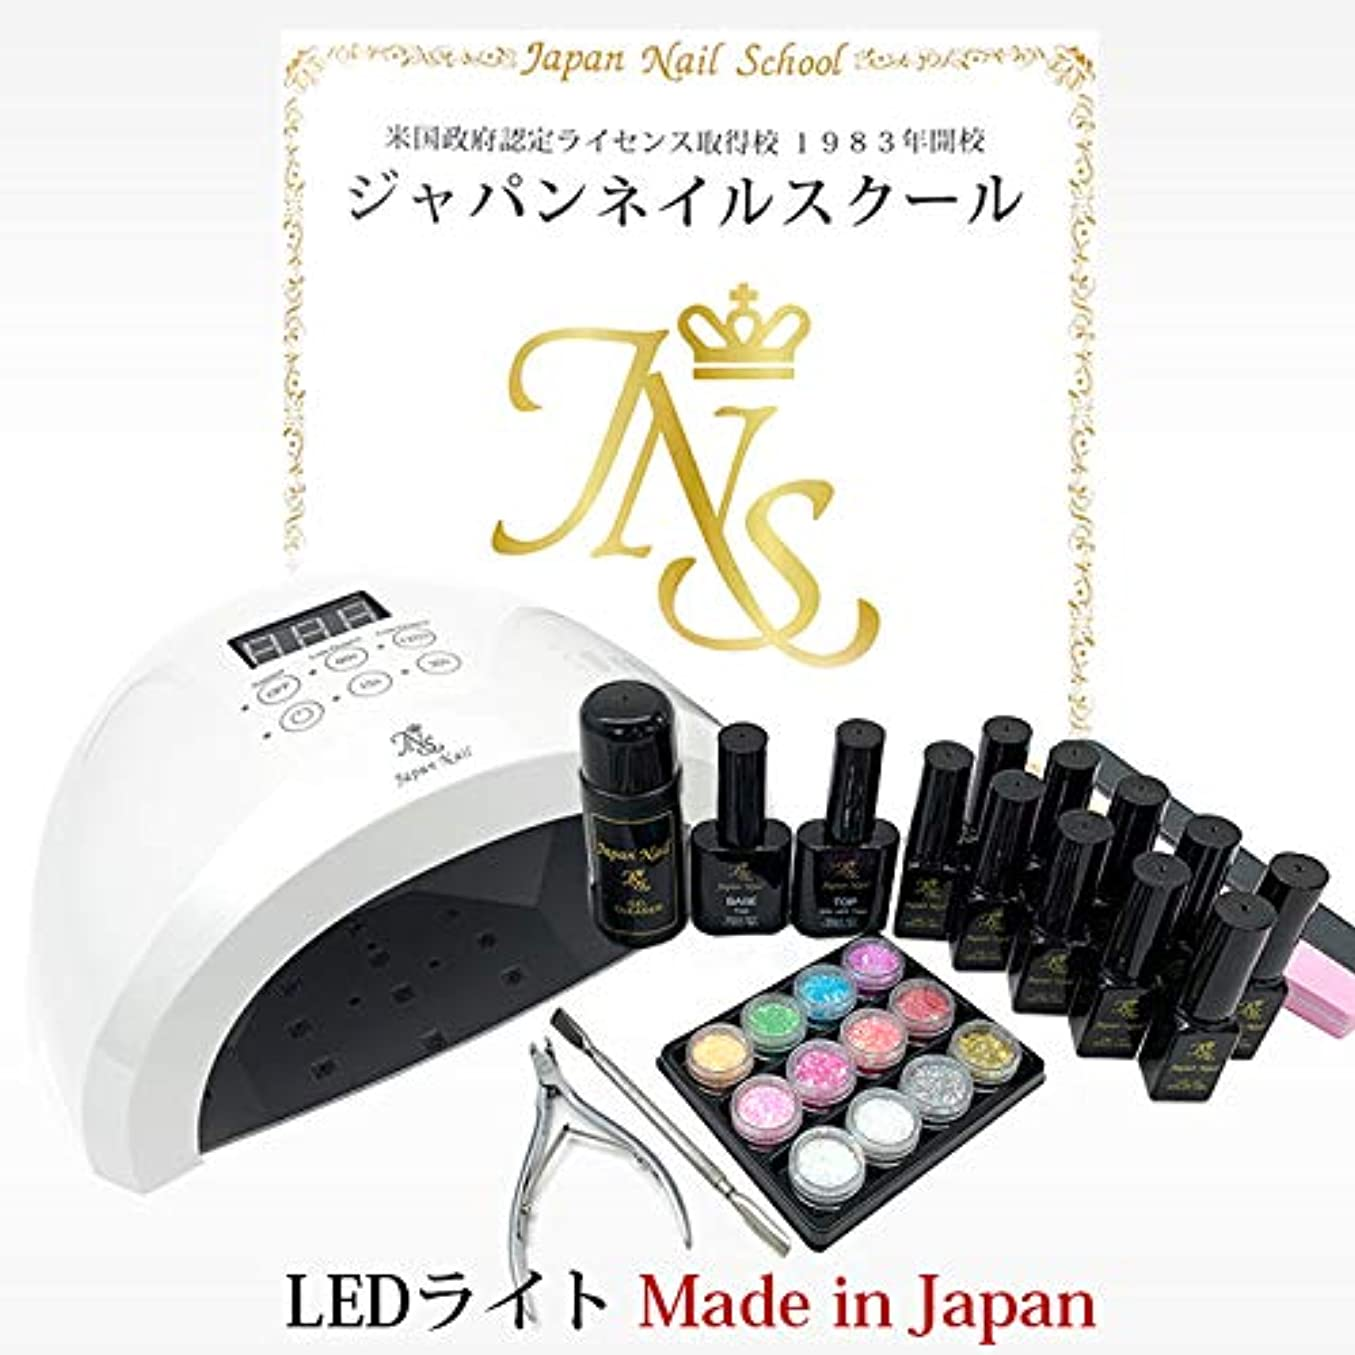 消費驚いたことに衣服弱爪?傷爪でも熱くない2つのローダウン機能搭載ジェルネイルキット最新型日本製LEDライトn7初心者も安心の5年間サポート付